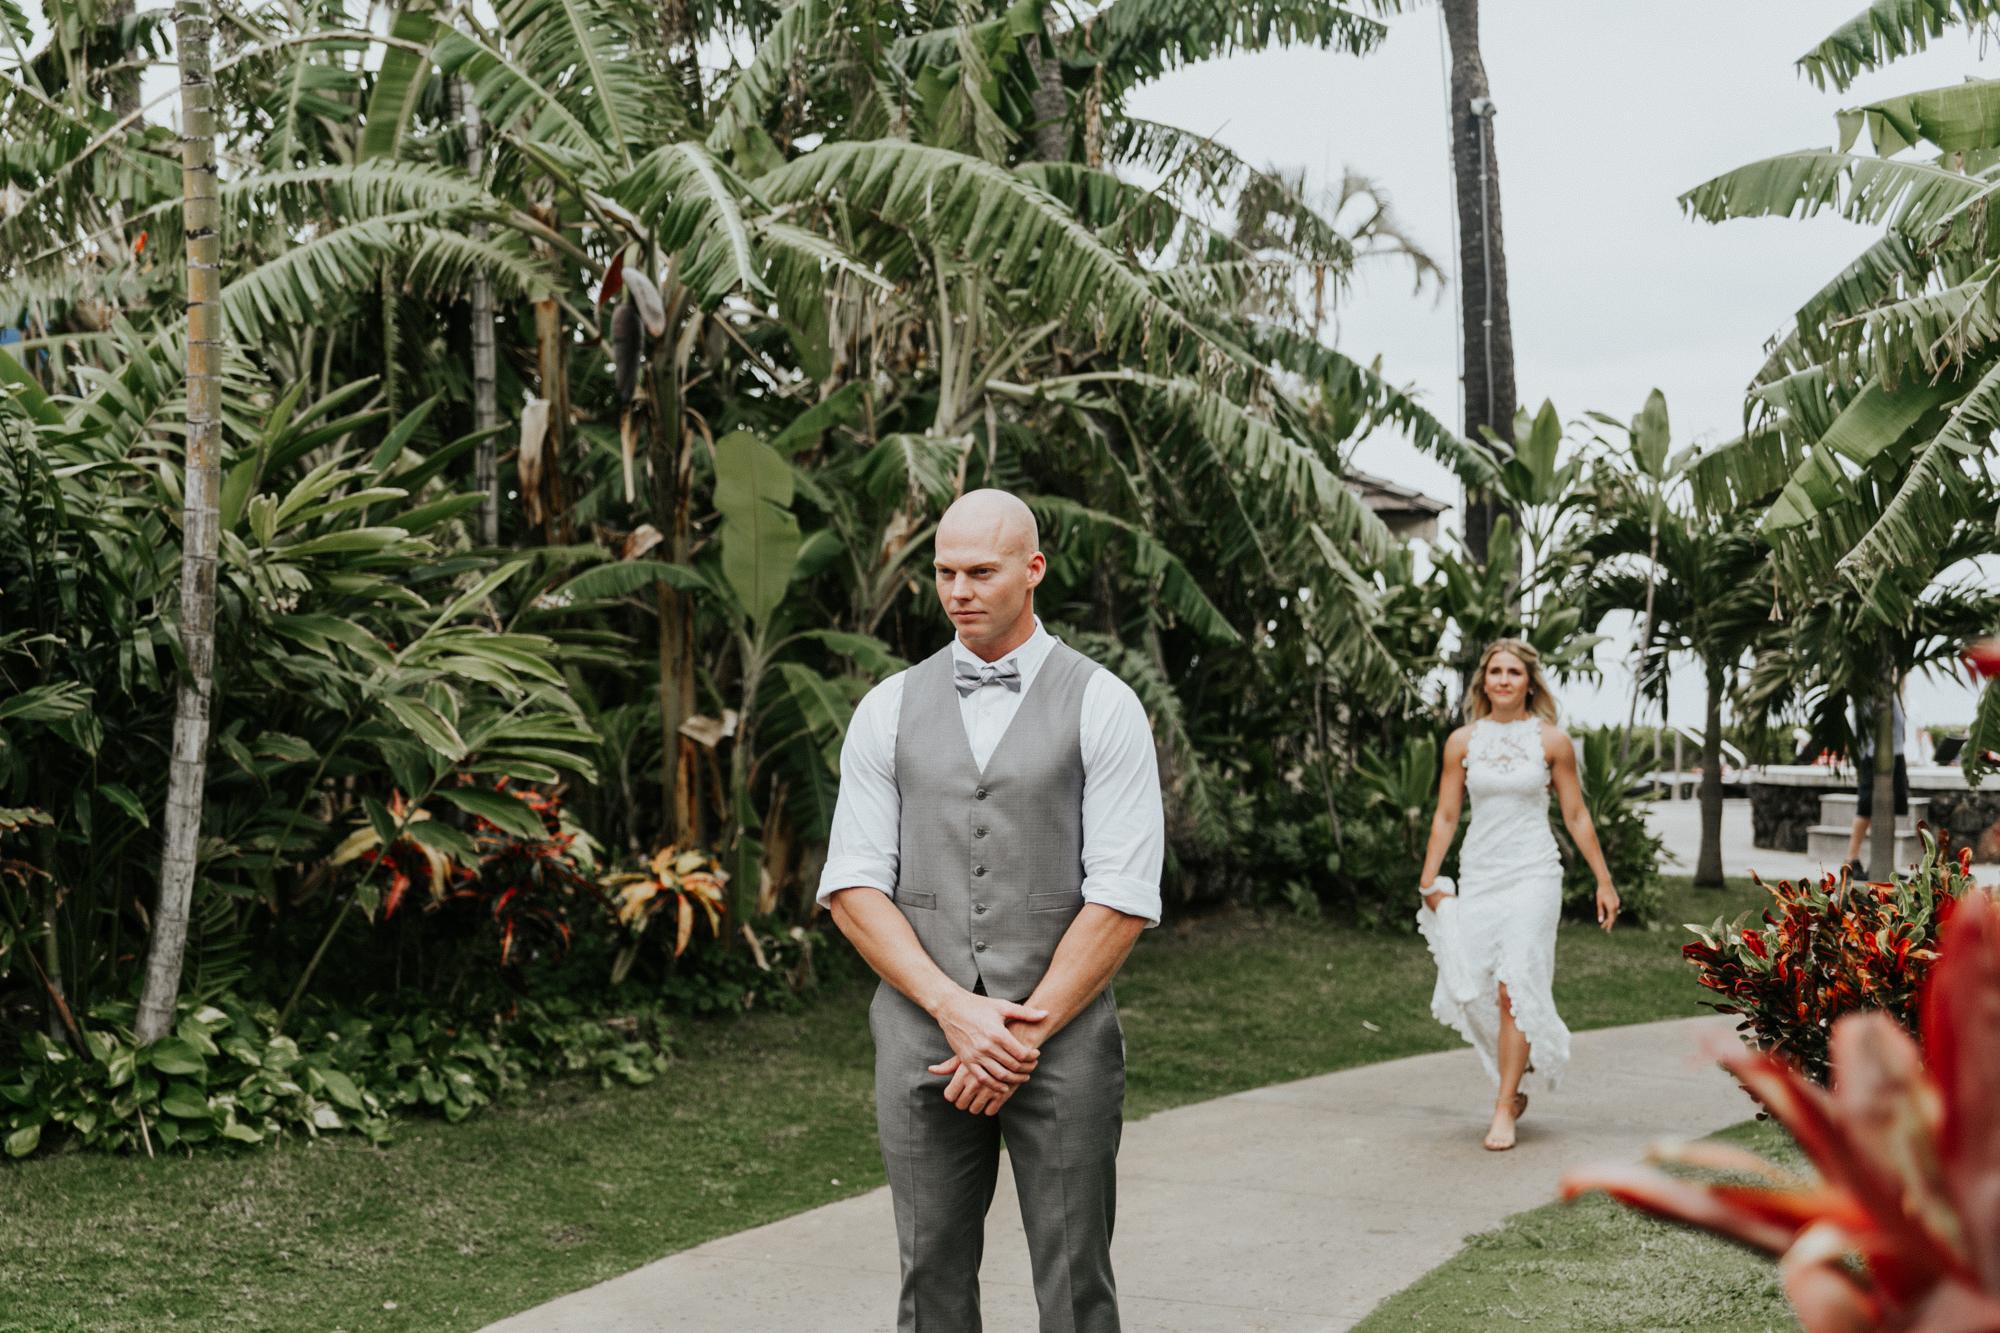 destination-wedding-photographer-hawaii-maui-elopement-32.jpg